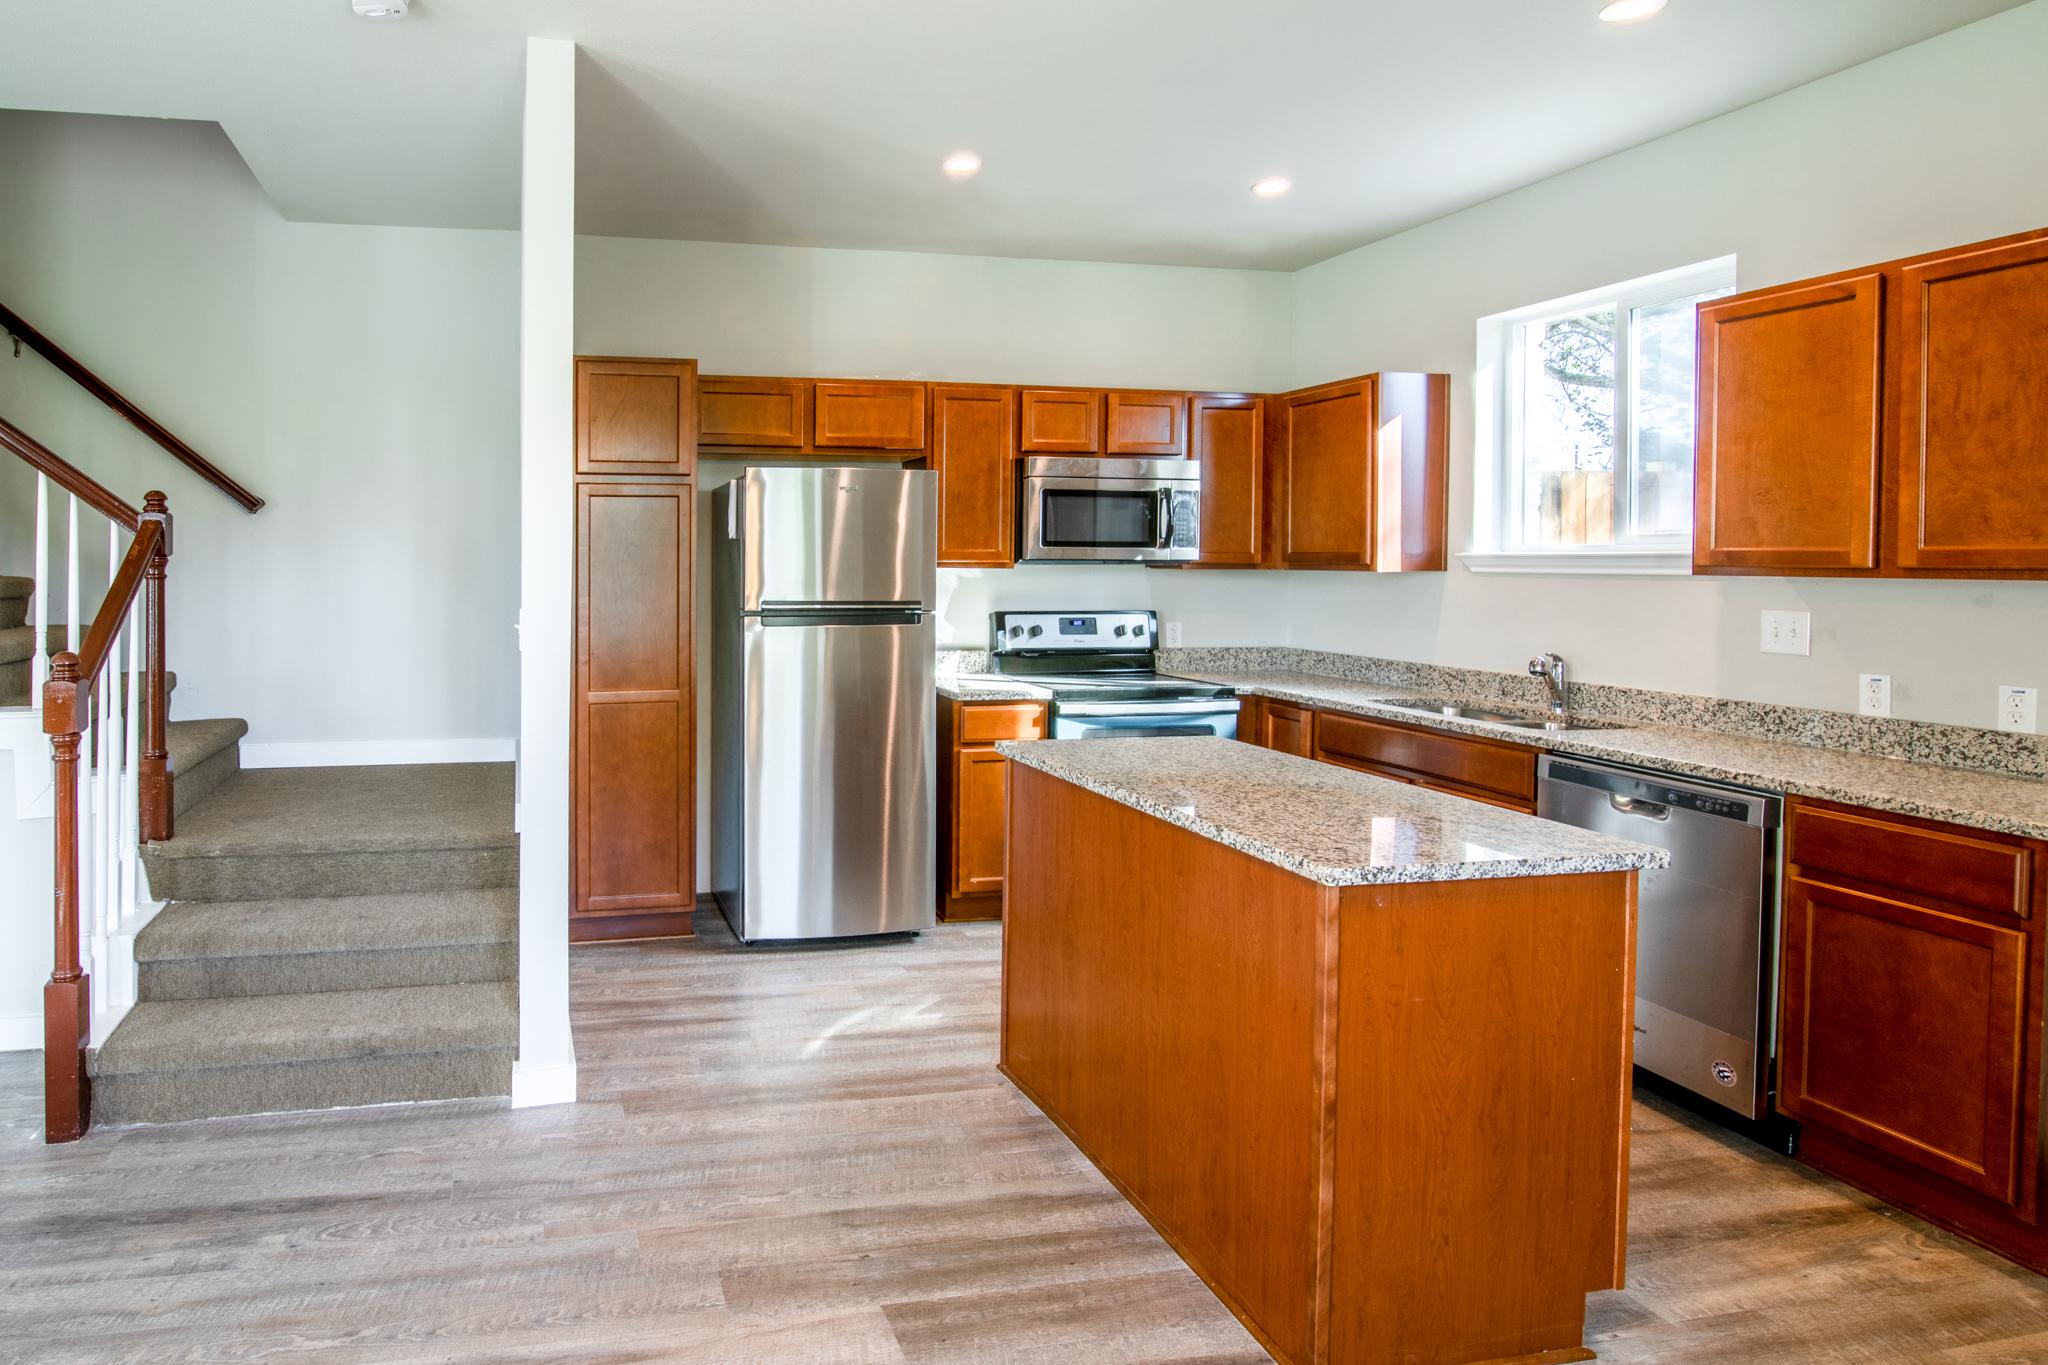 Apartment for Rent in Cedar Park